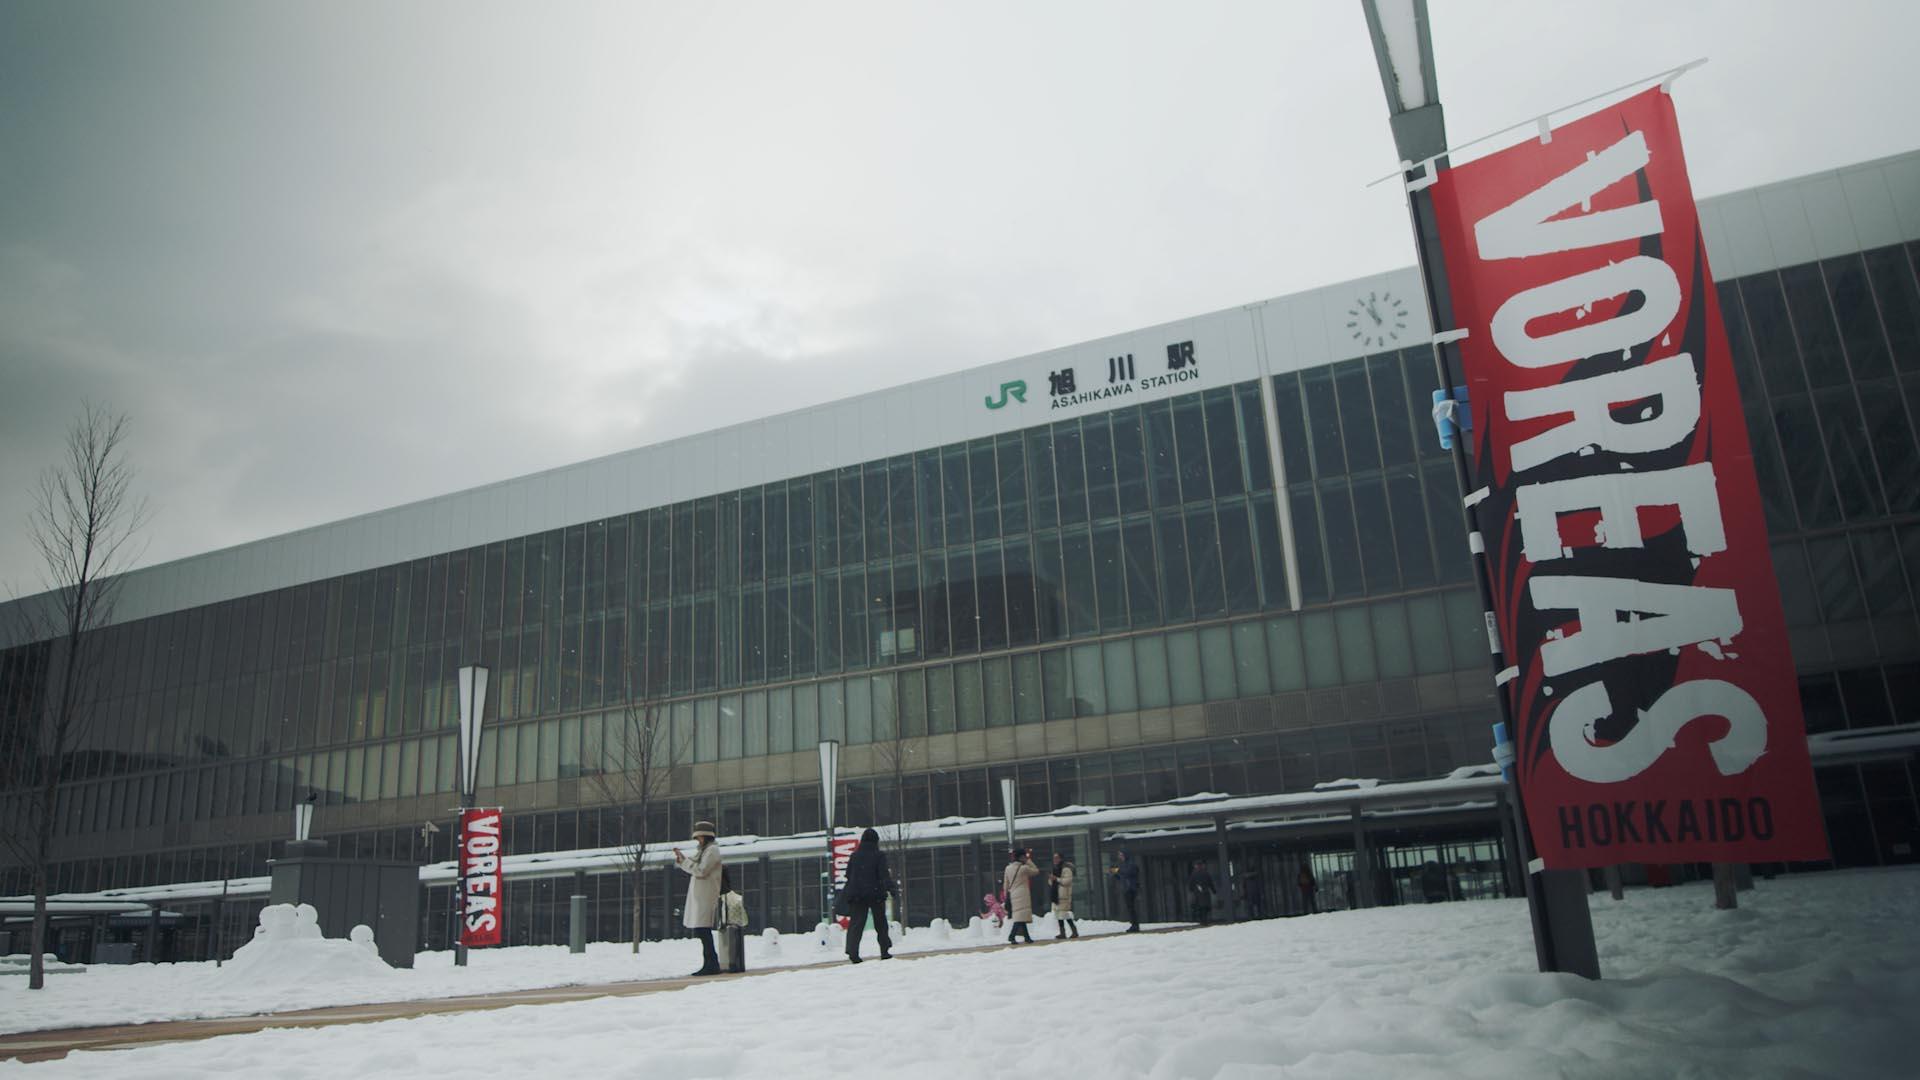 ヴォレアス北海道密着ドキュメンタリー画像05